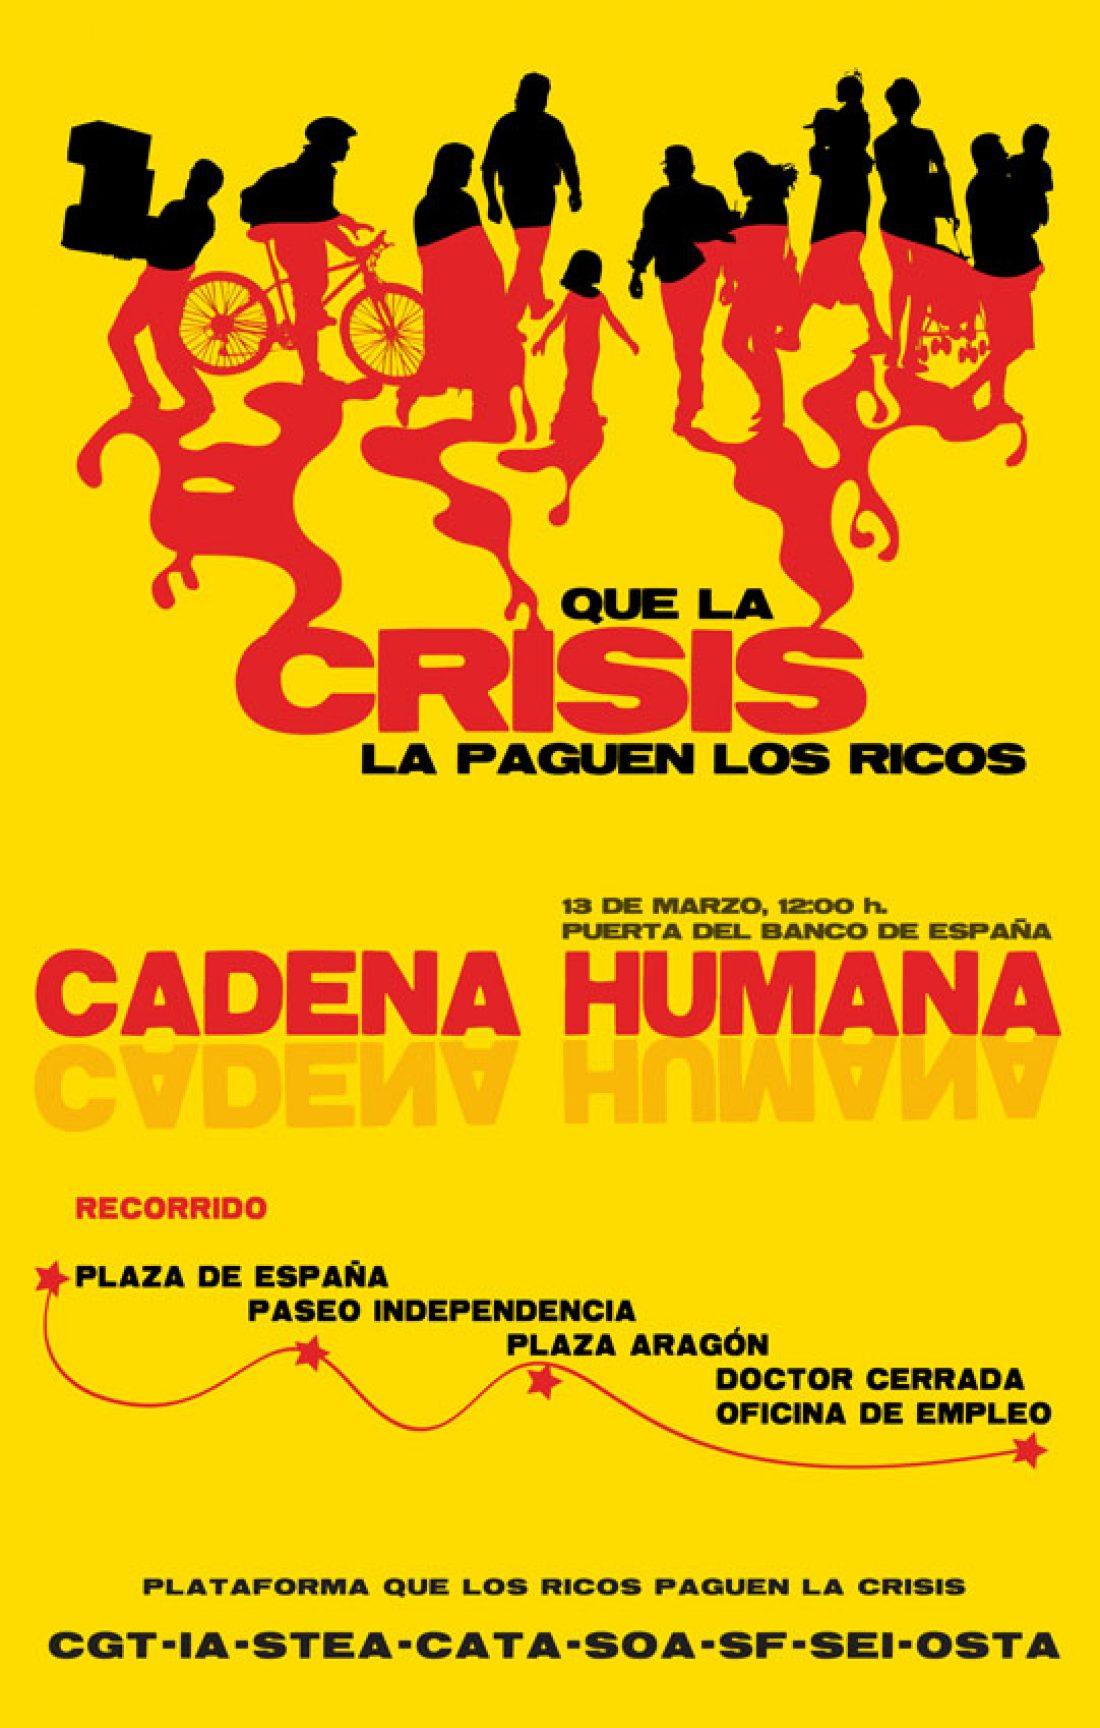 Zaragoza, 13 de Marzo: Cadena humana contra la crisis y sus causantes.